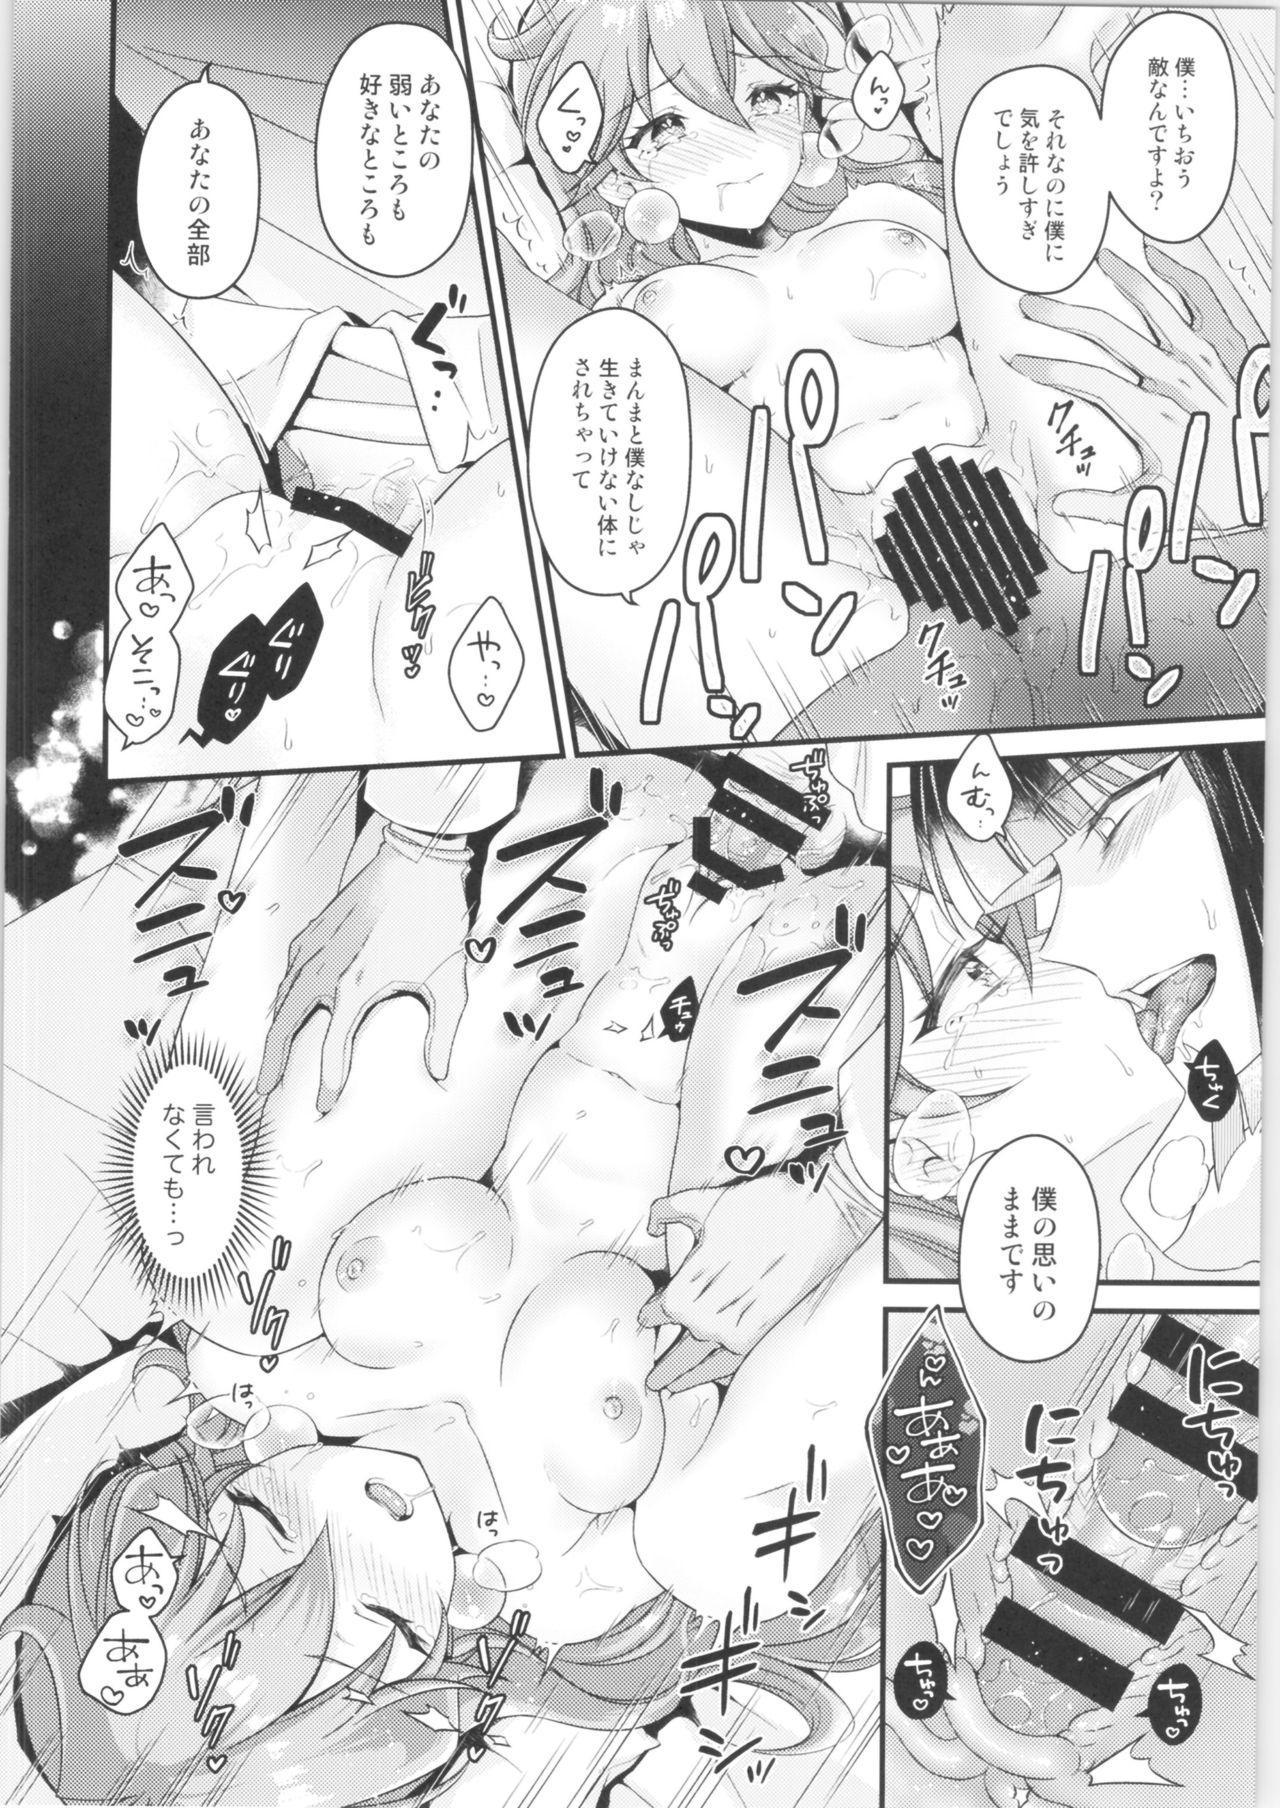 (2021-03 Akihabara Chou Doujinsai) [kozakoza (Kaipan)] Lina wa Xelloss no Are ga Hoshii - (not so) Perfect Love! #5 (Slayers) 22